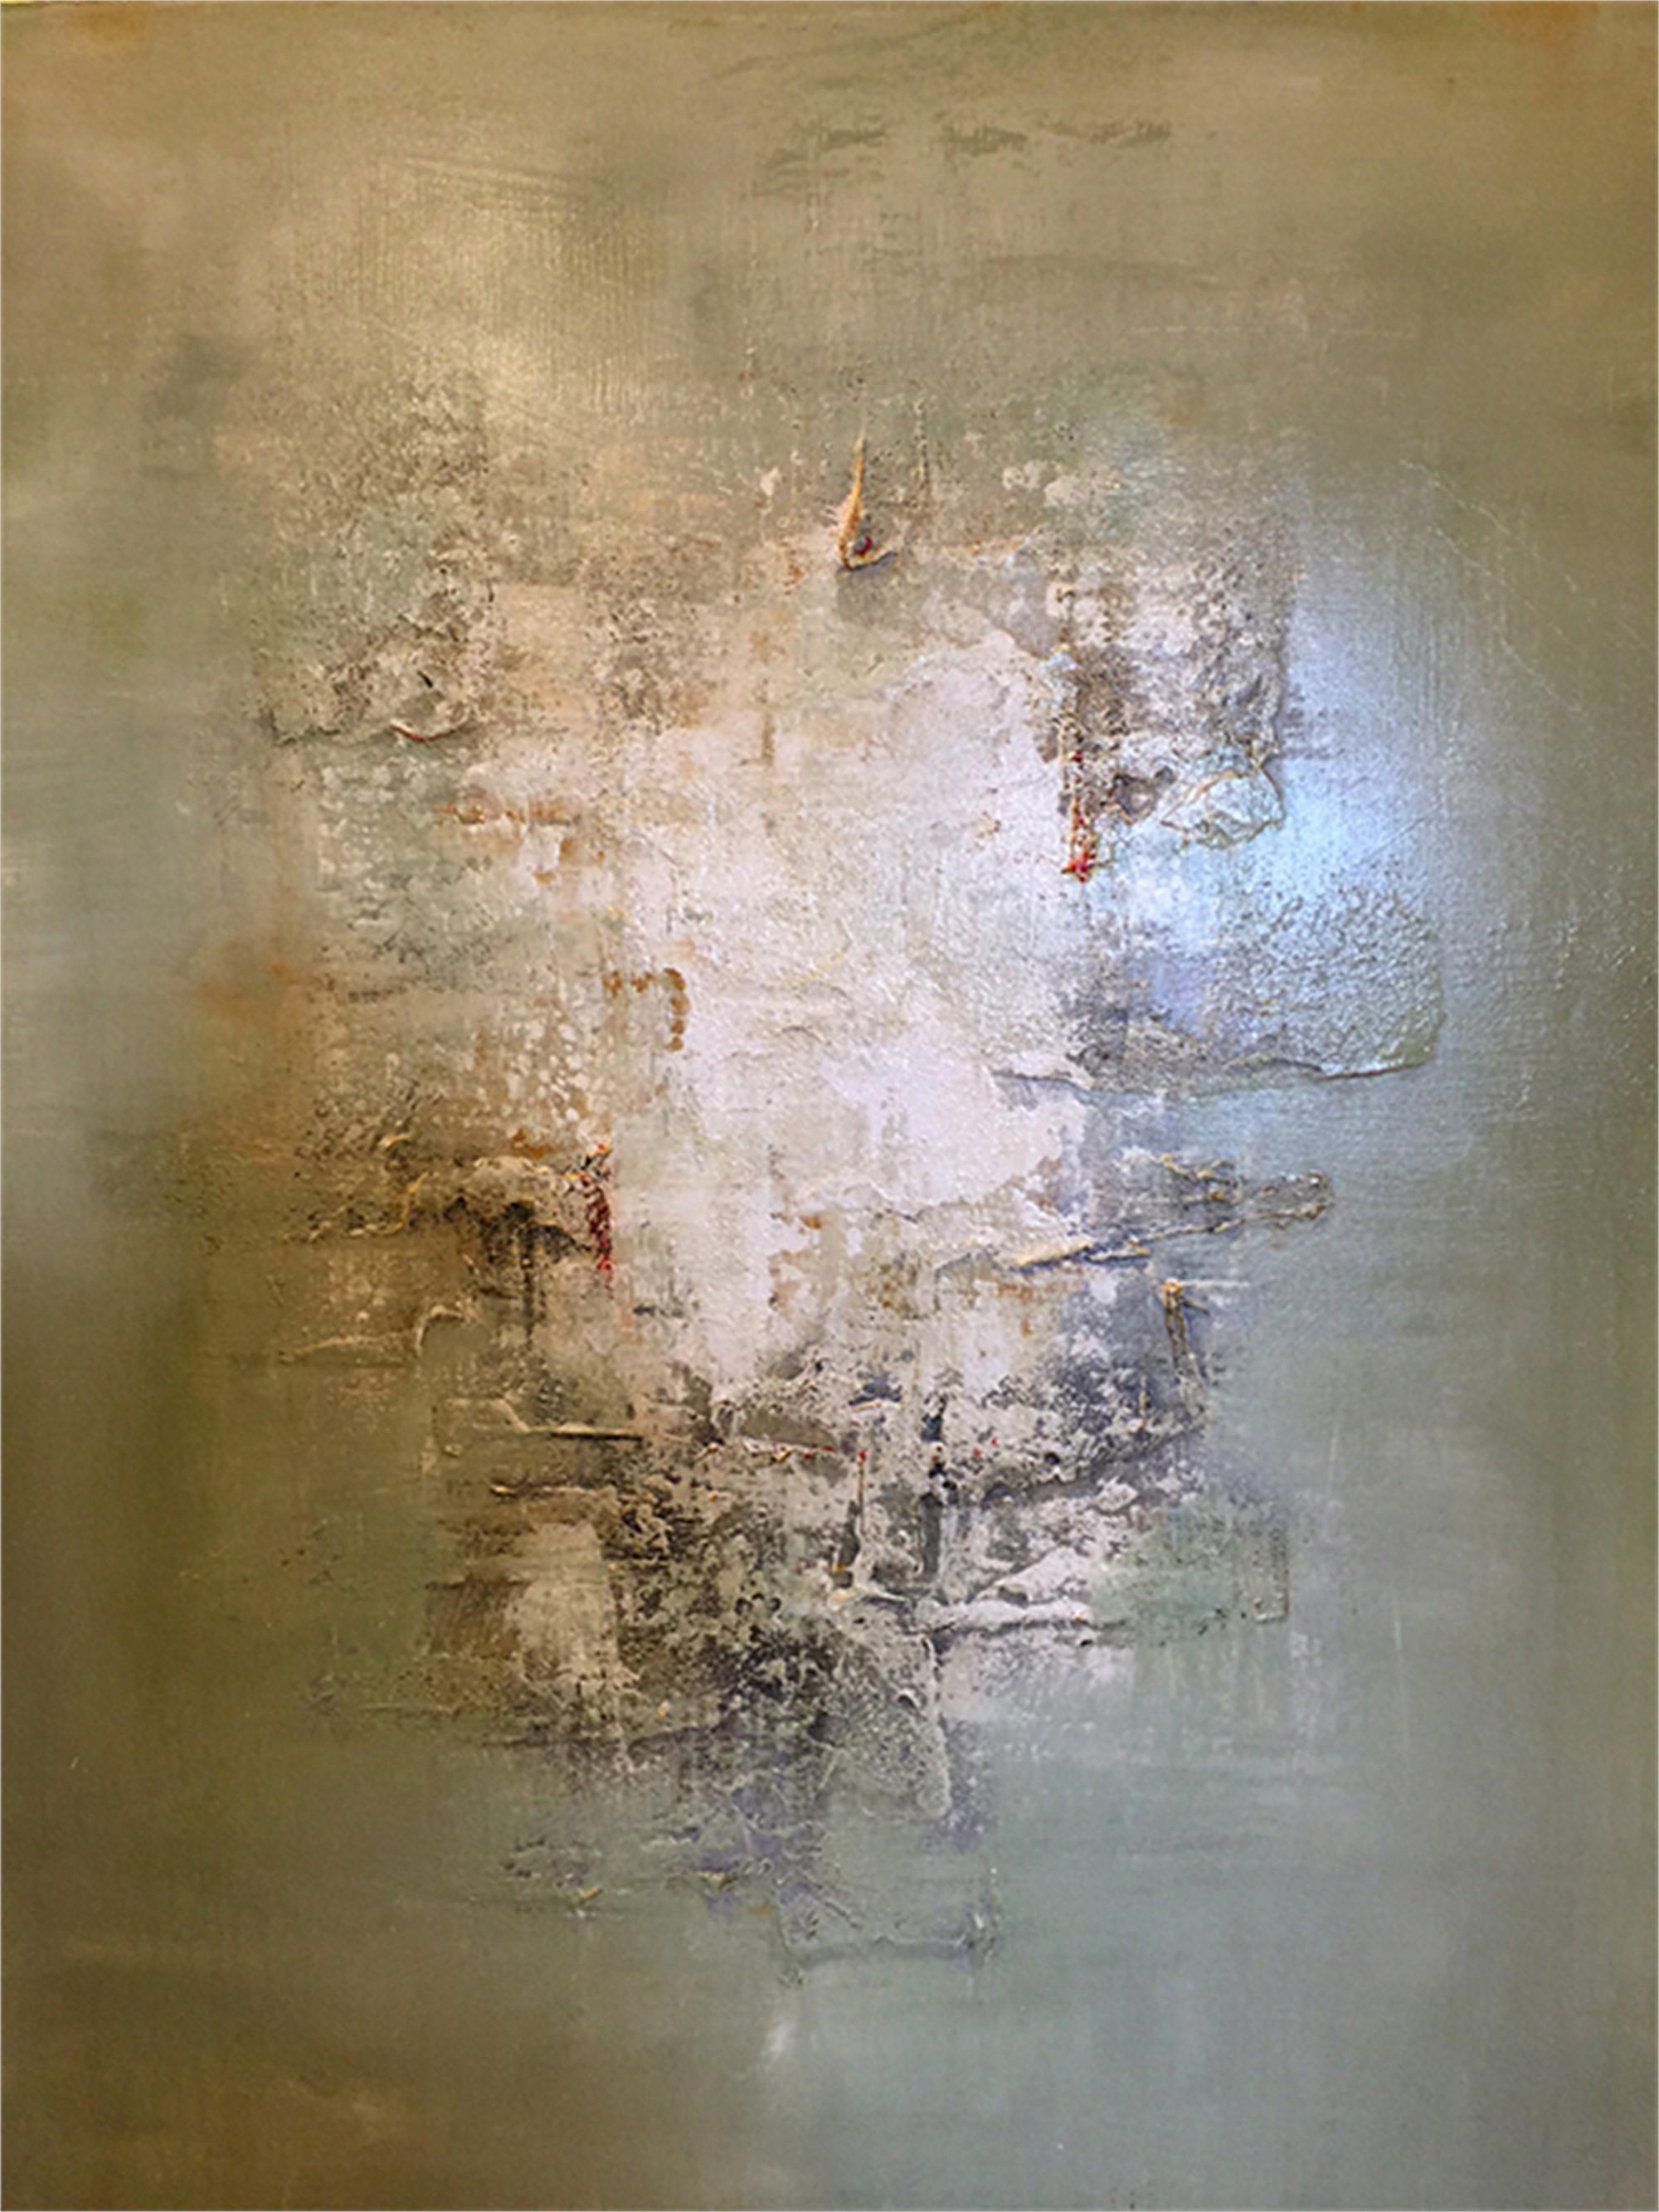 Oblivion by Brad Robertson